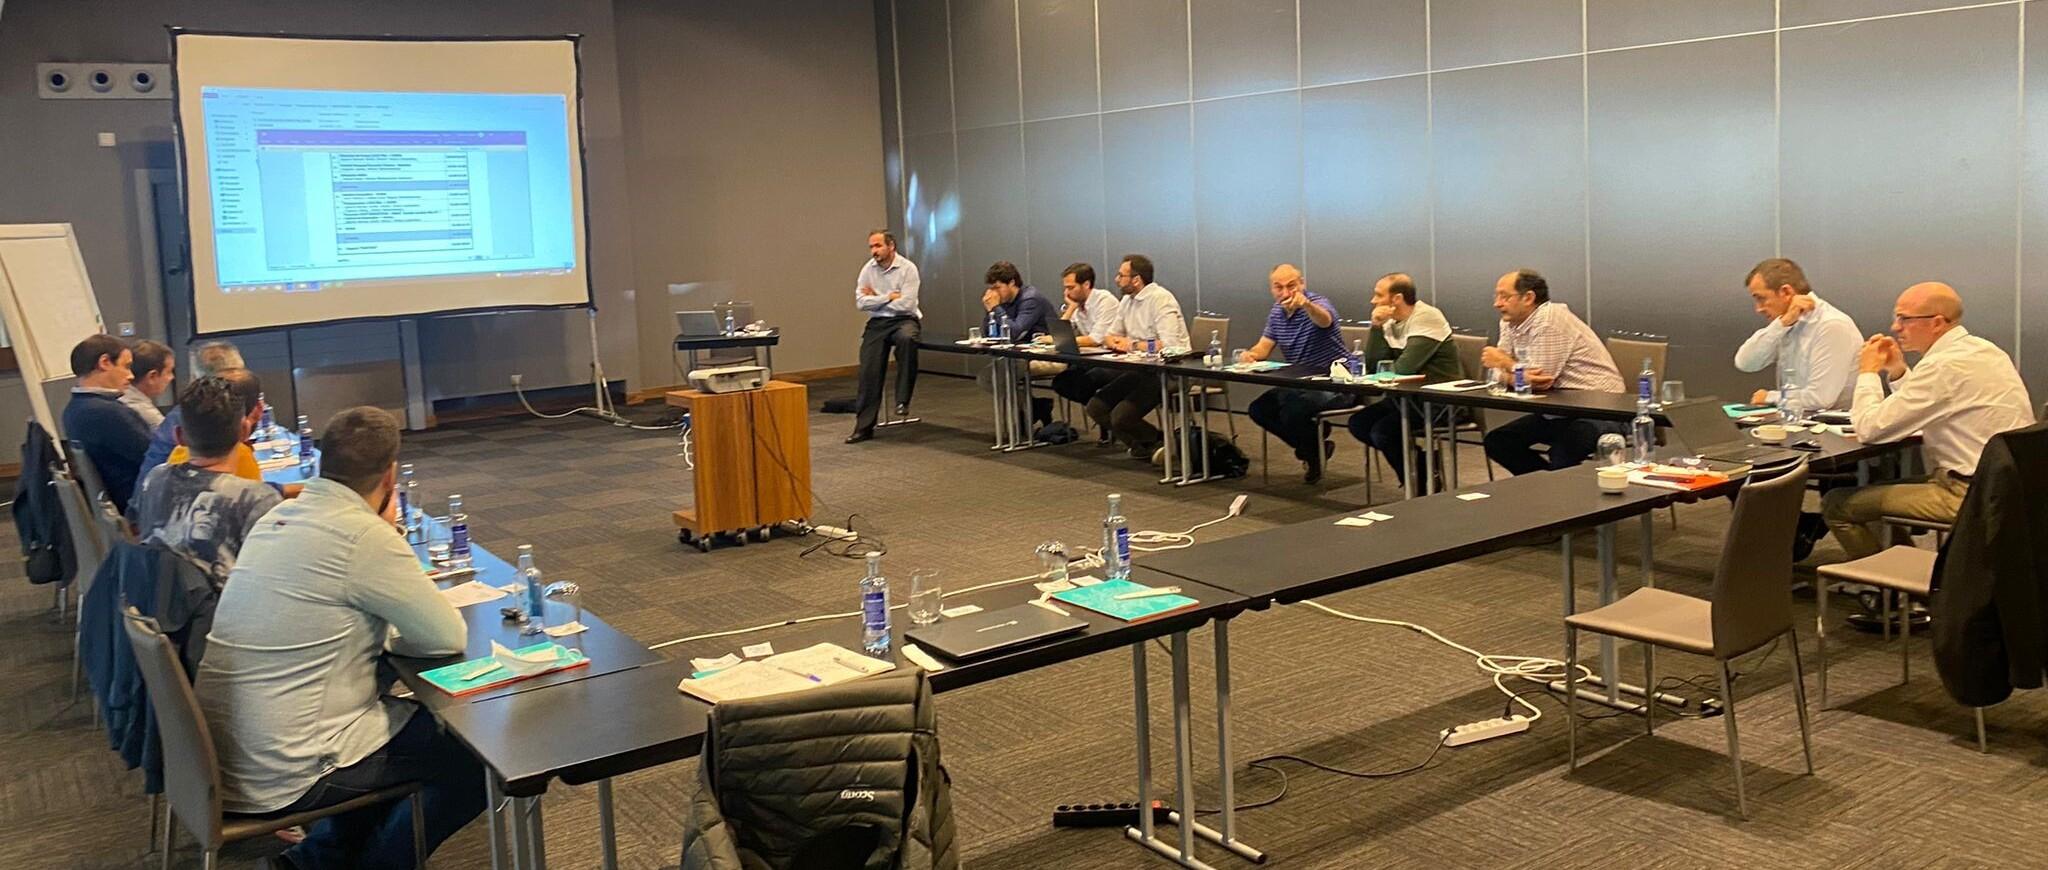 El Comité de la Dirección Técnica de Viamed celebra en Madrid su primera reunión presencial con la asistencia de los responsables de mantenimiento de los hospitales Viamed